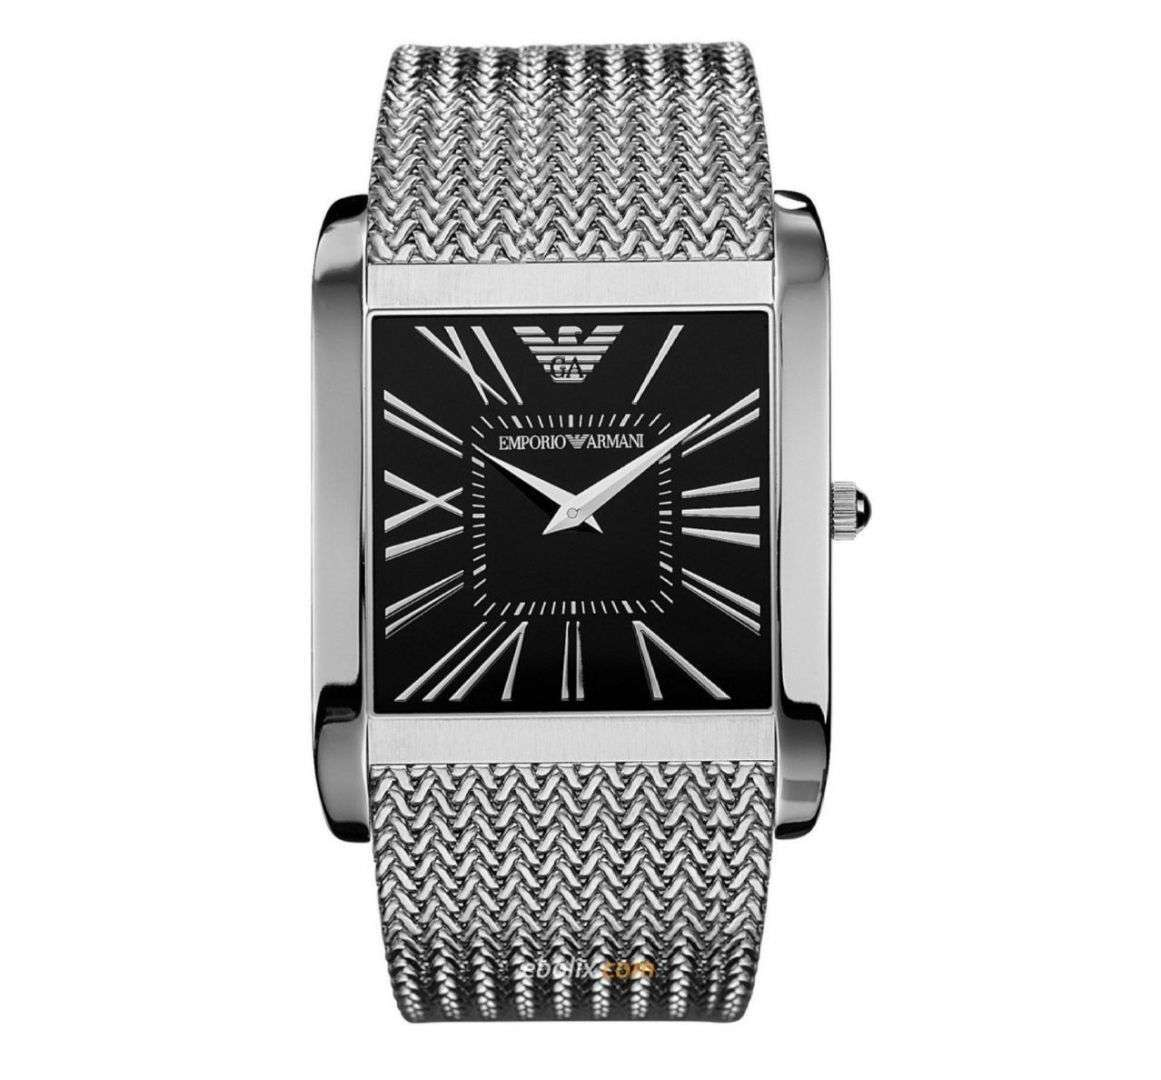 שעון יד אנלוגי לגבר emporio armani ar2012 אמפוריו ארמני